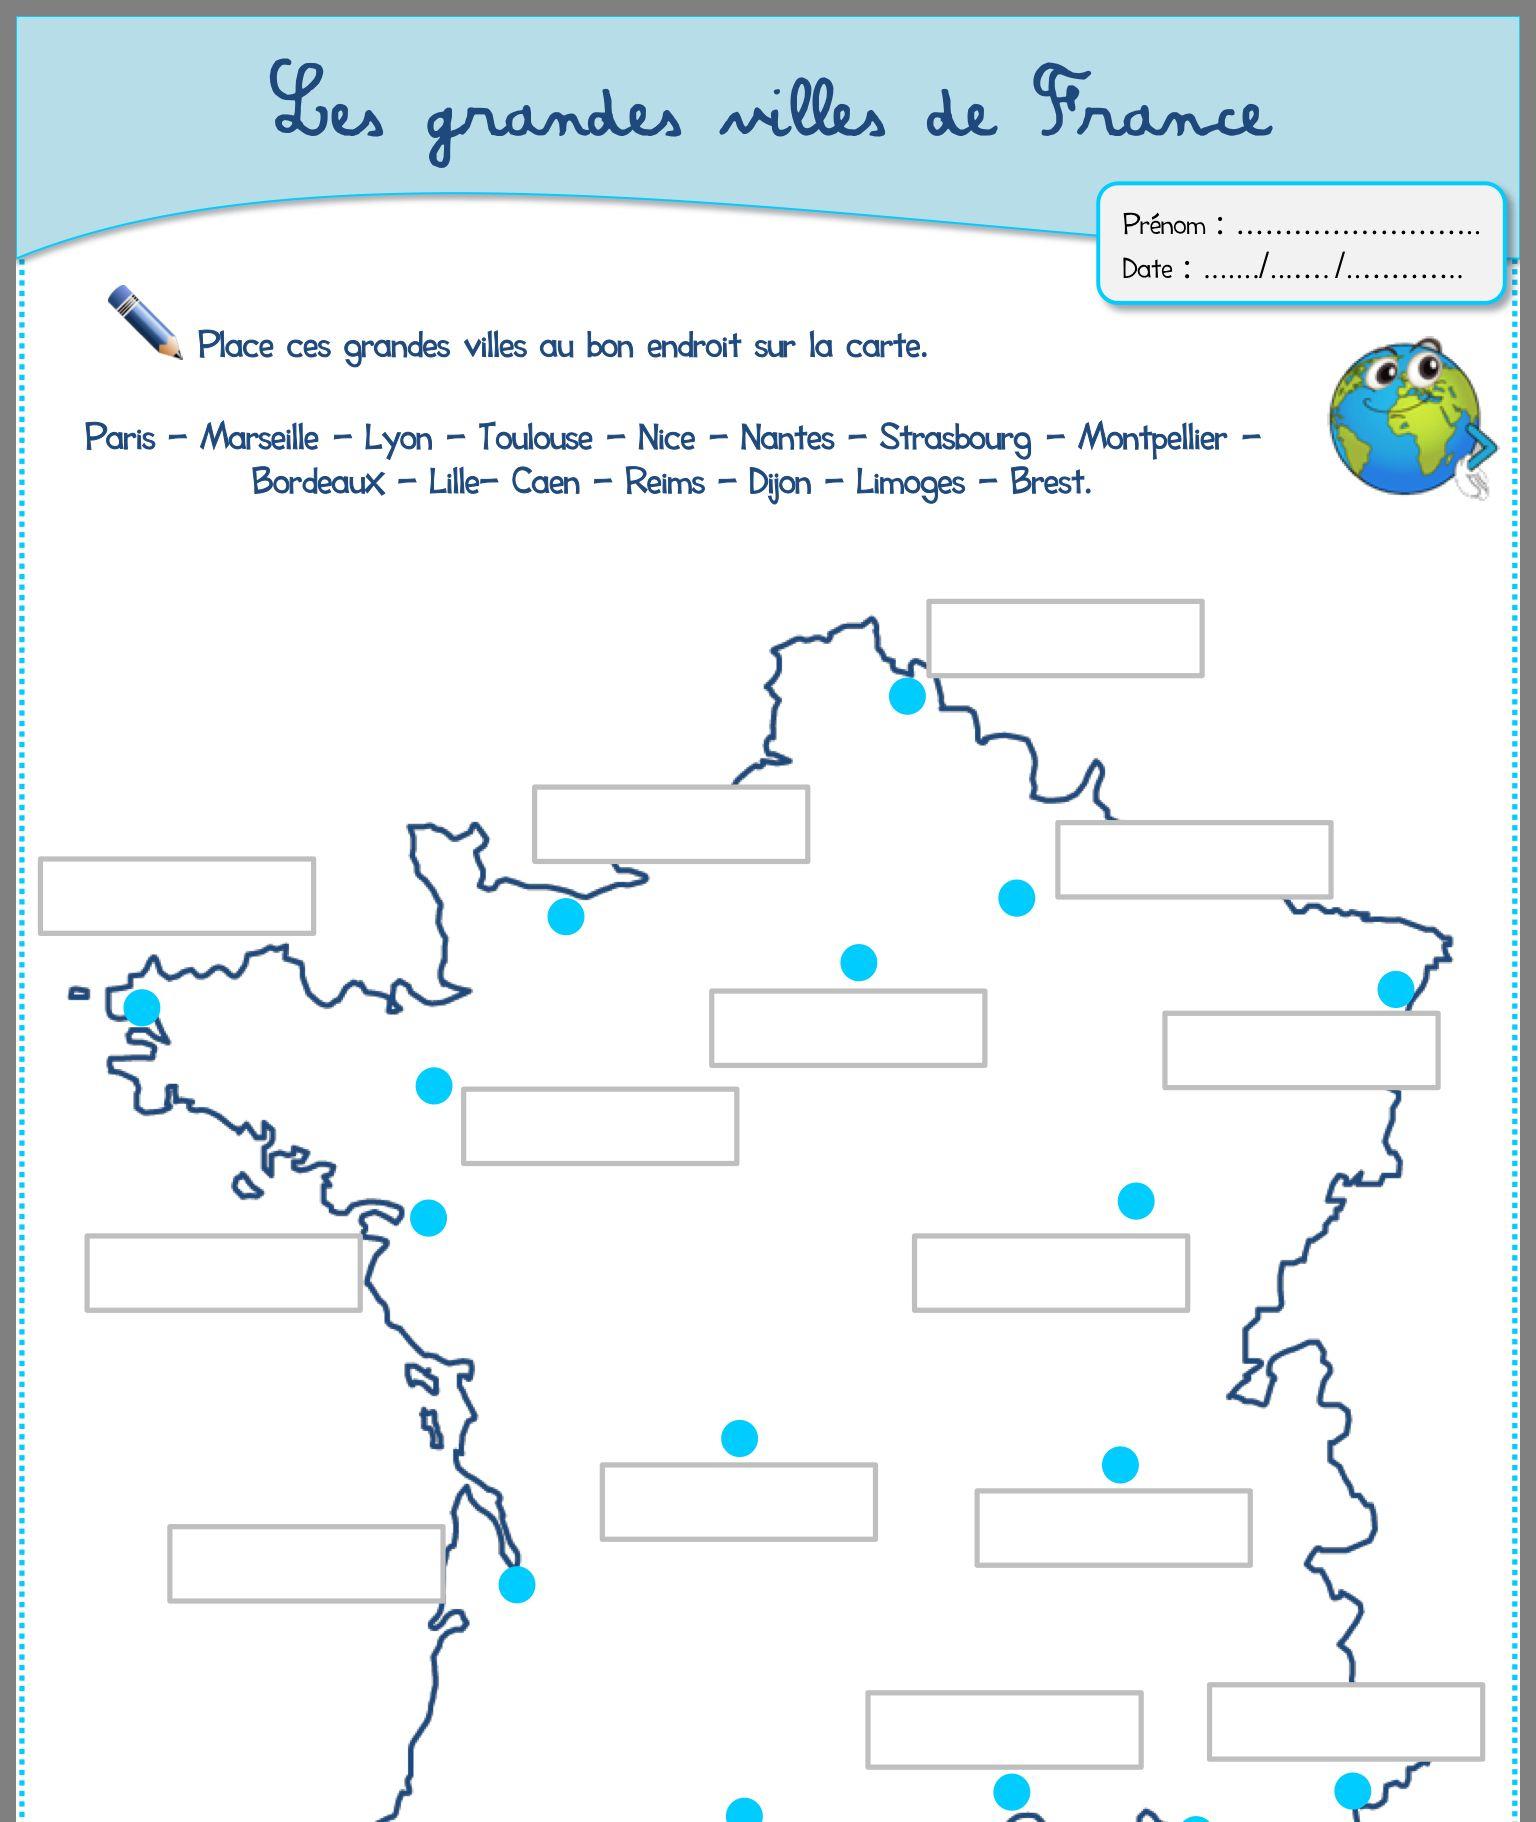 Épinglé Sur Fiche À Completer dedans Jeux Des Villes De France